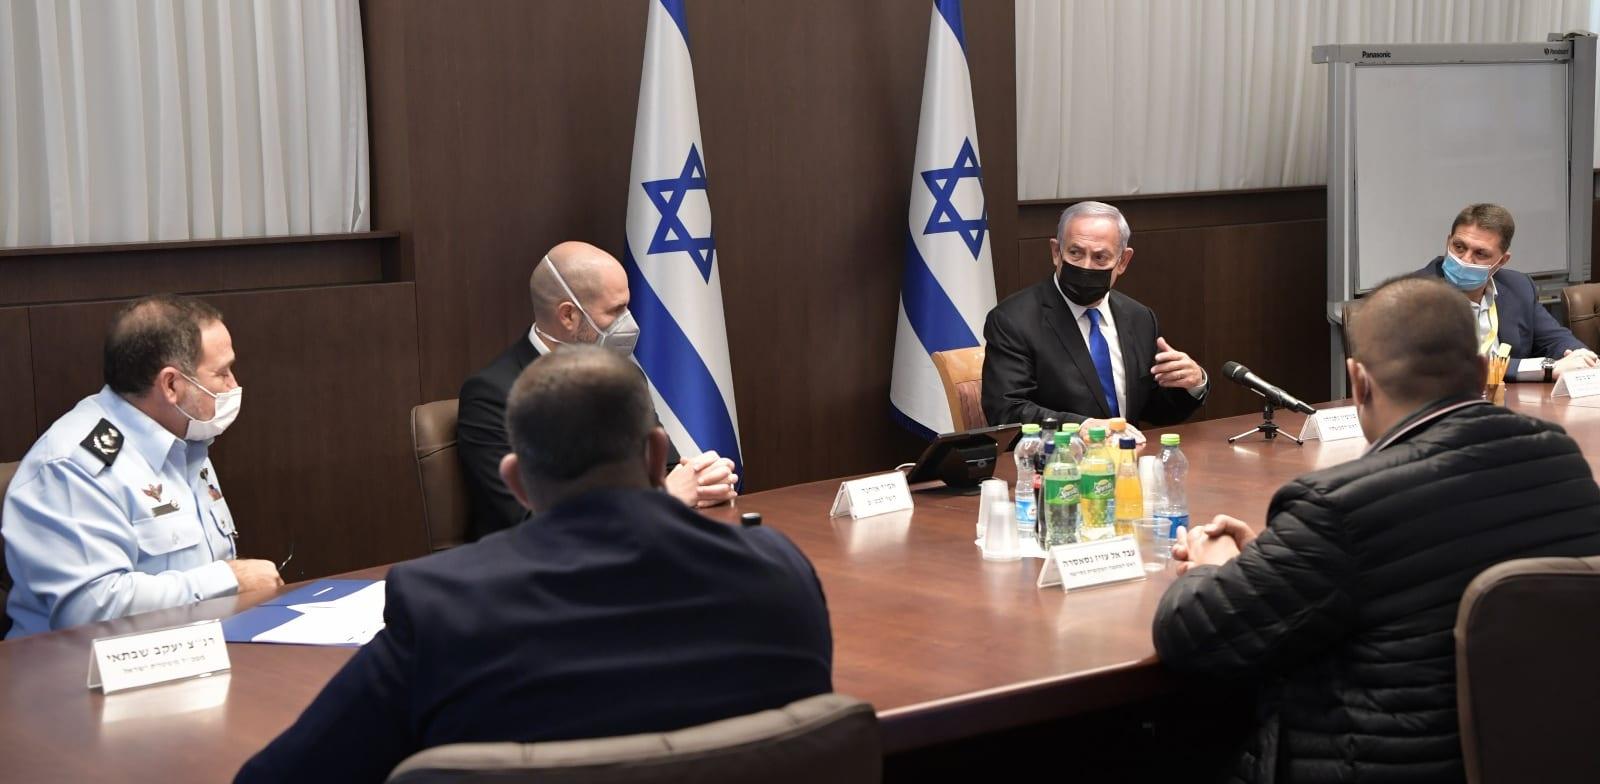 """ראש הממשלה בנימין נתניהו בפגישה עם ראשי המועצות הערביות / צילום: קובי גדעון-לע""""מ"""